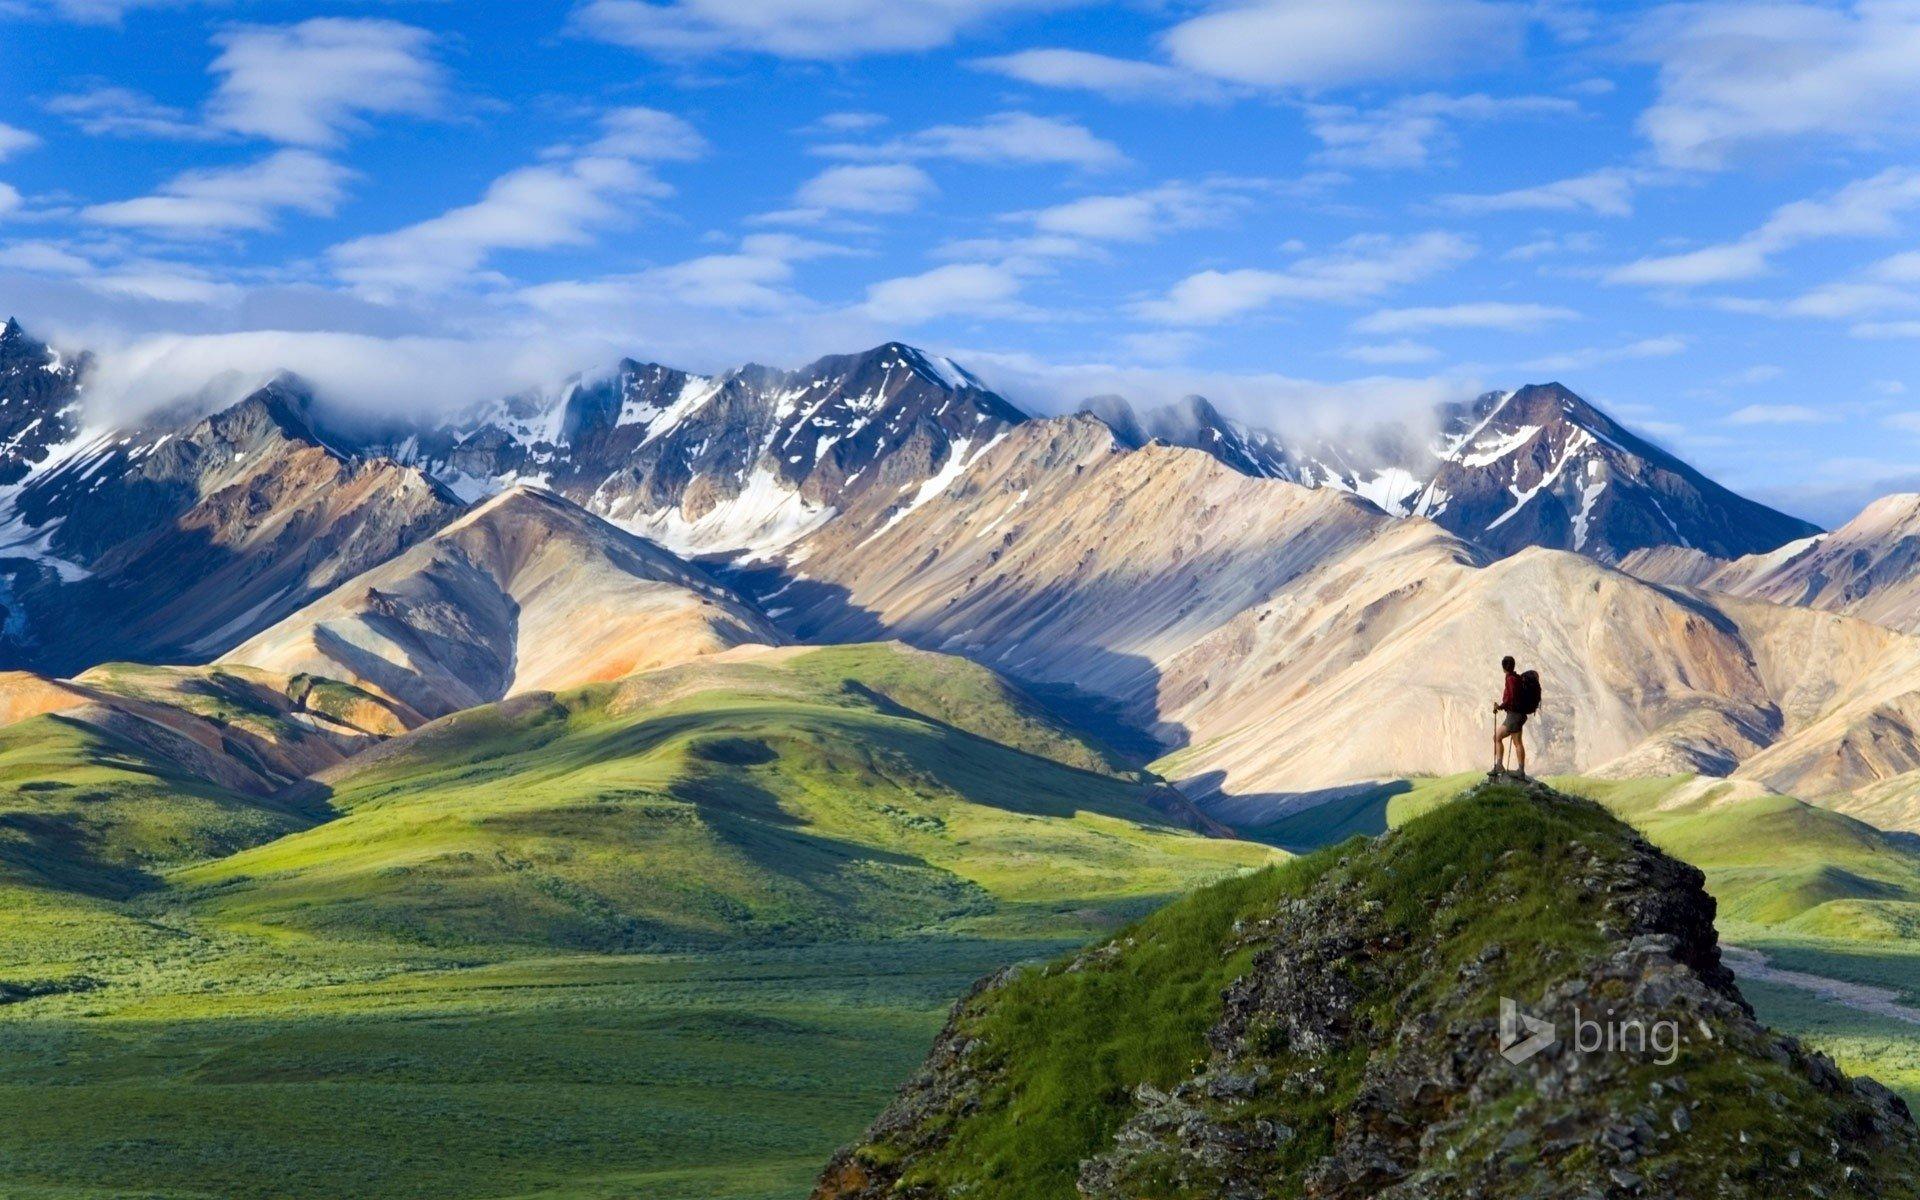 Fondos de pantalla Parque nacional Denali